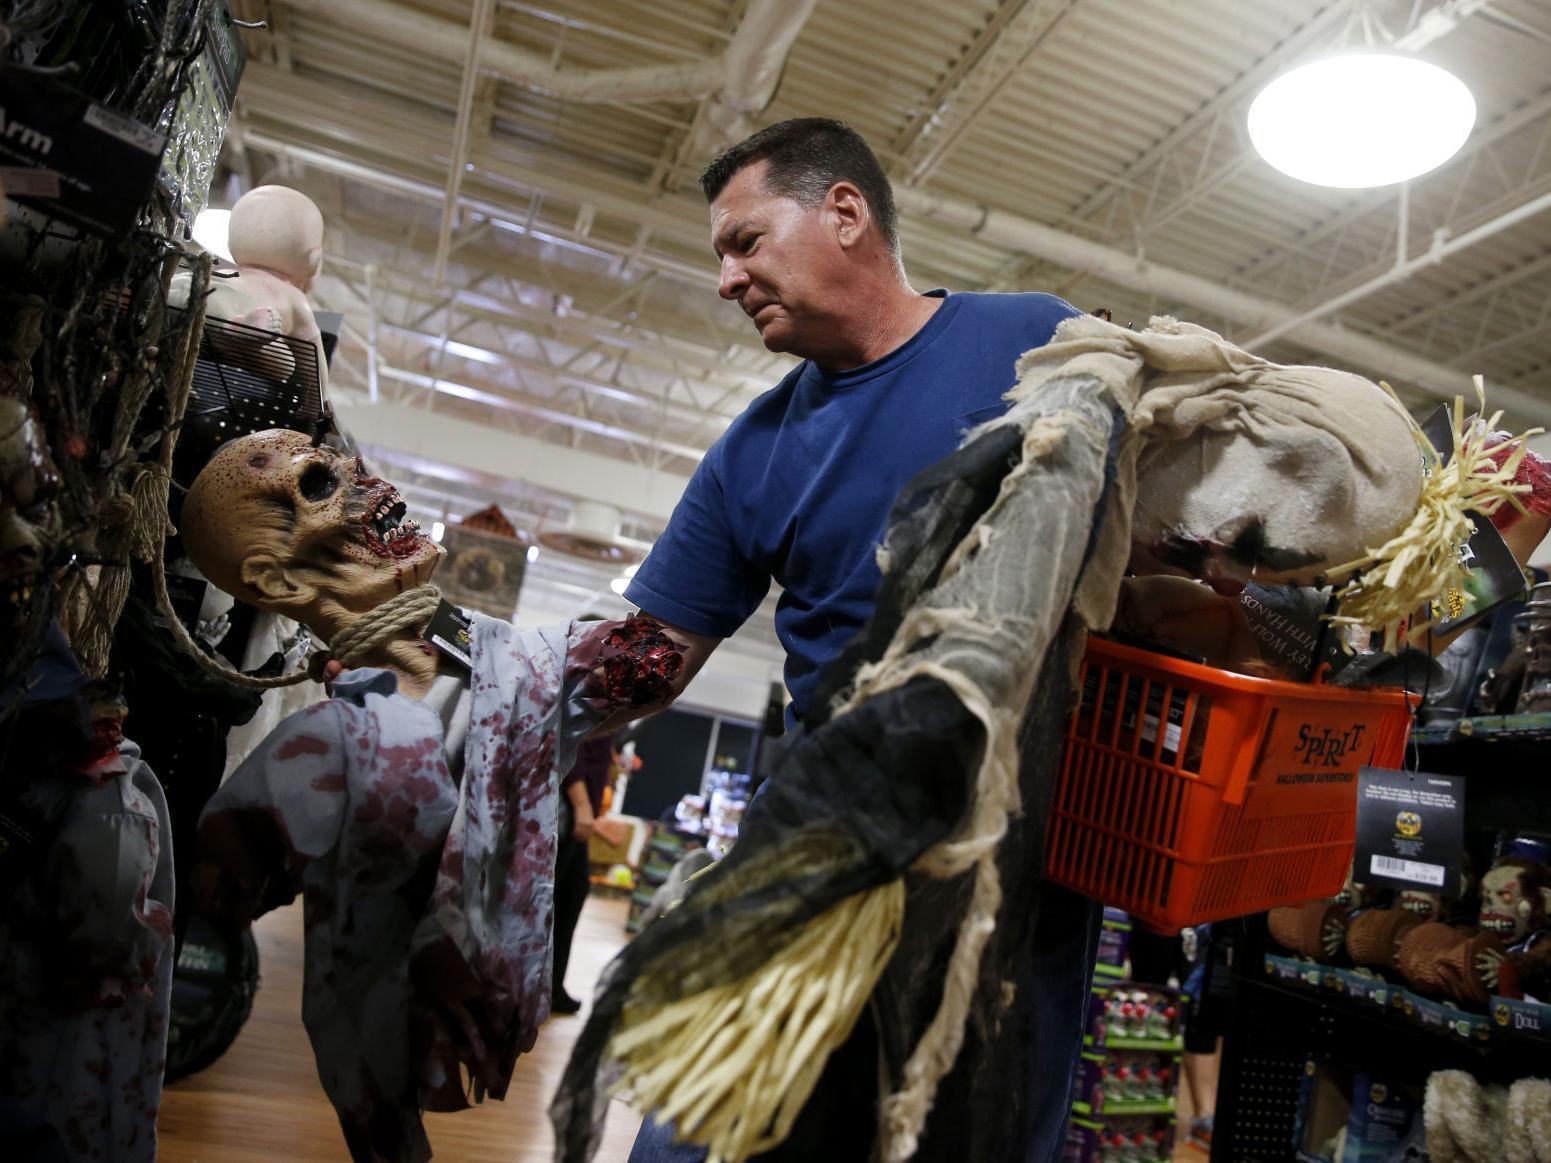 Halloween Richmond Va 2020 PHOTOS: Inside Spirit Halloween | Business News | richmond.com